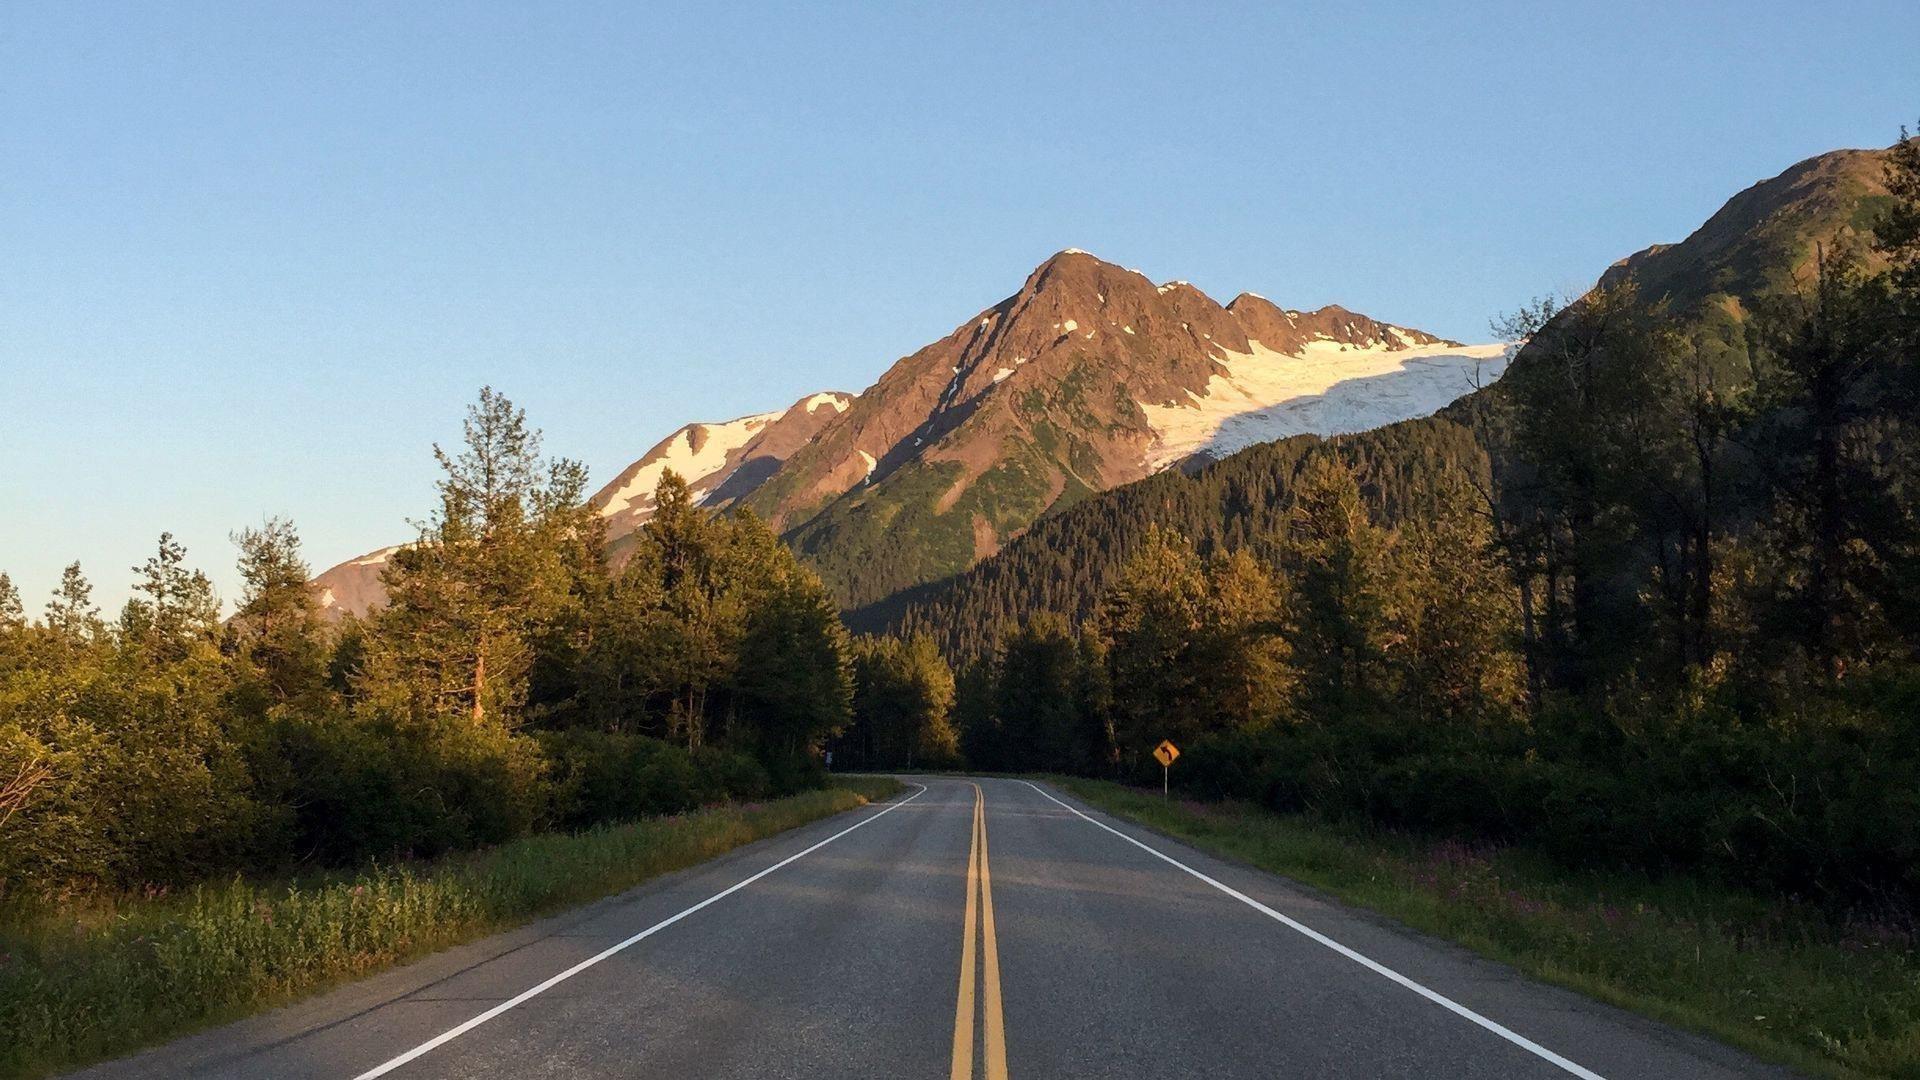 Дорога между деревьями пейзаж вид на скалистые горы под голубым небом природа обои скачать